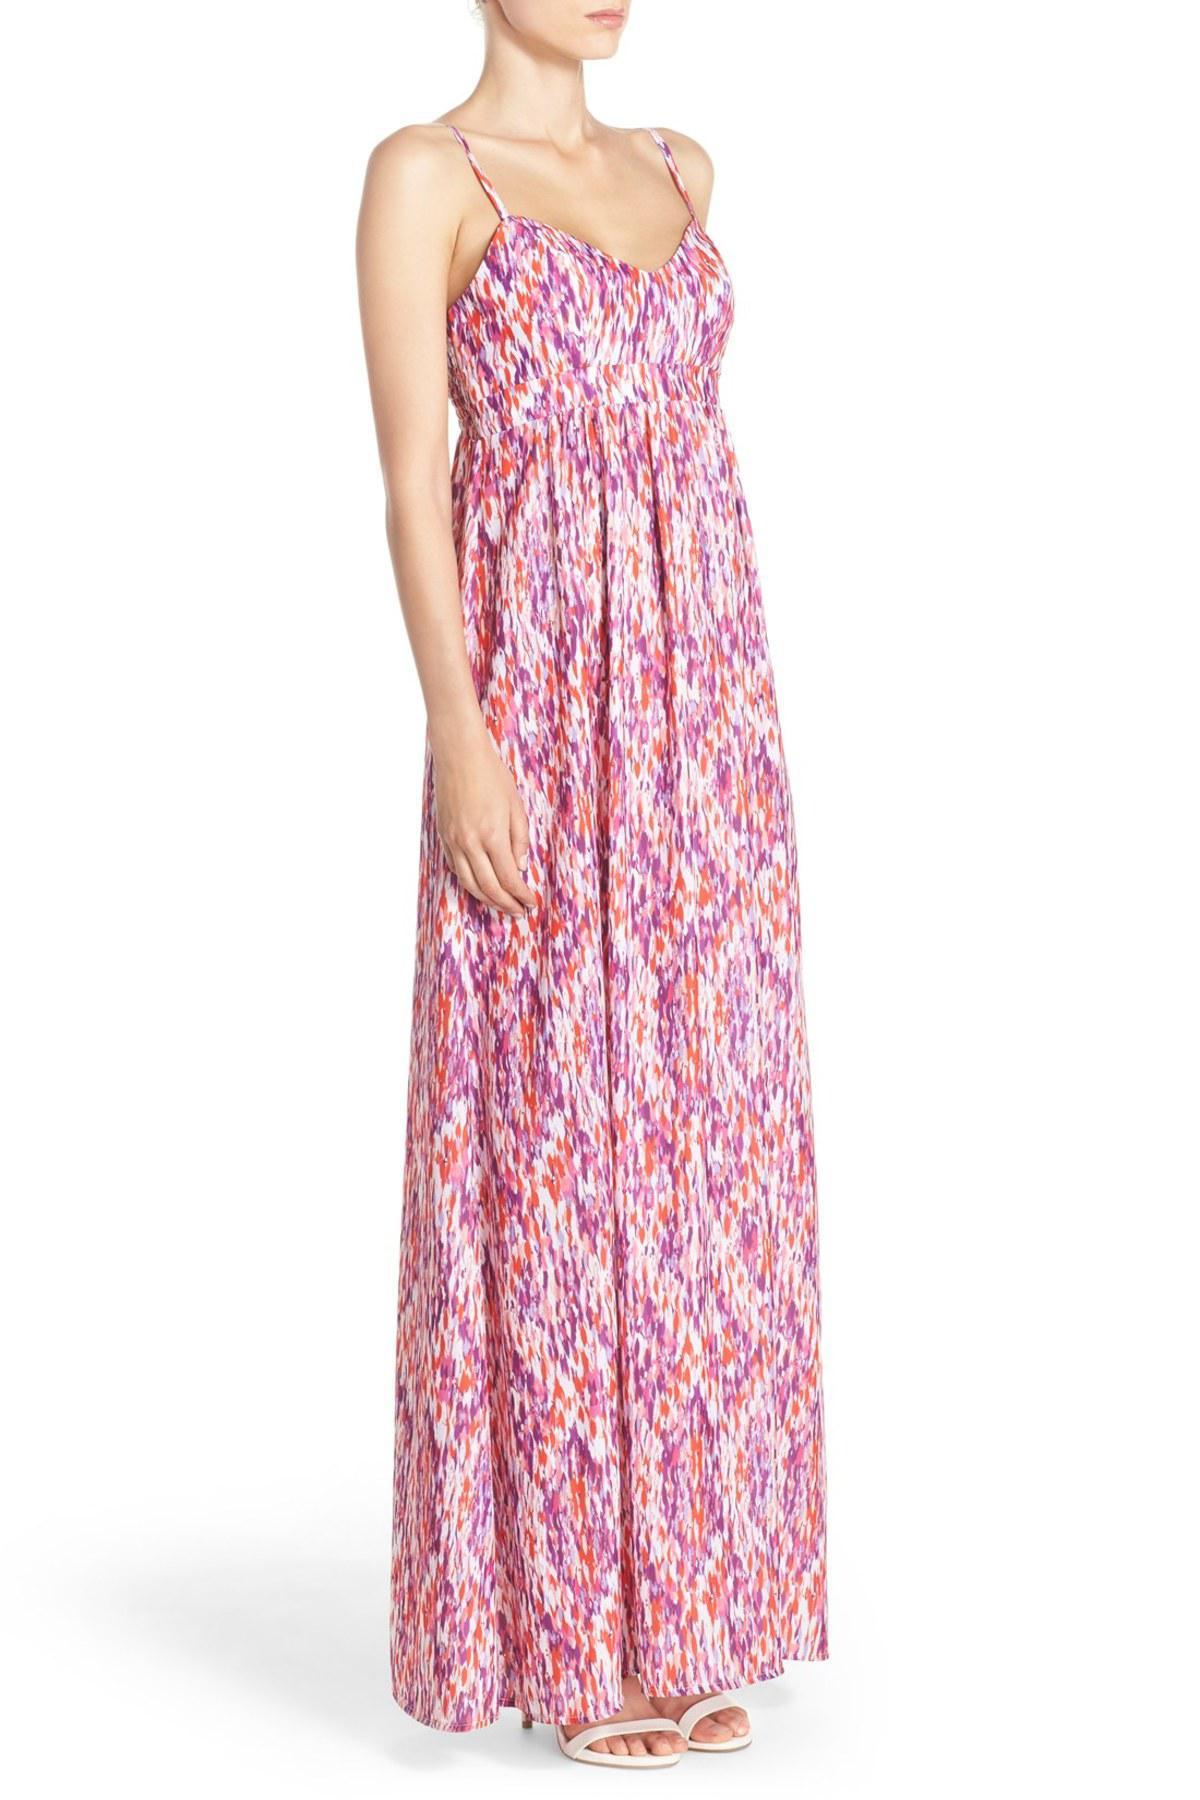 96e76d7f4fb Nordstrom Petite Dresses Maxi - Data Dynamic AG